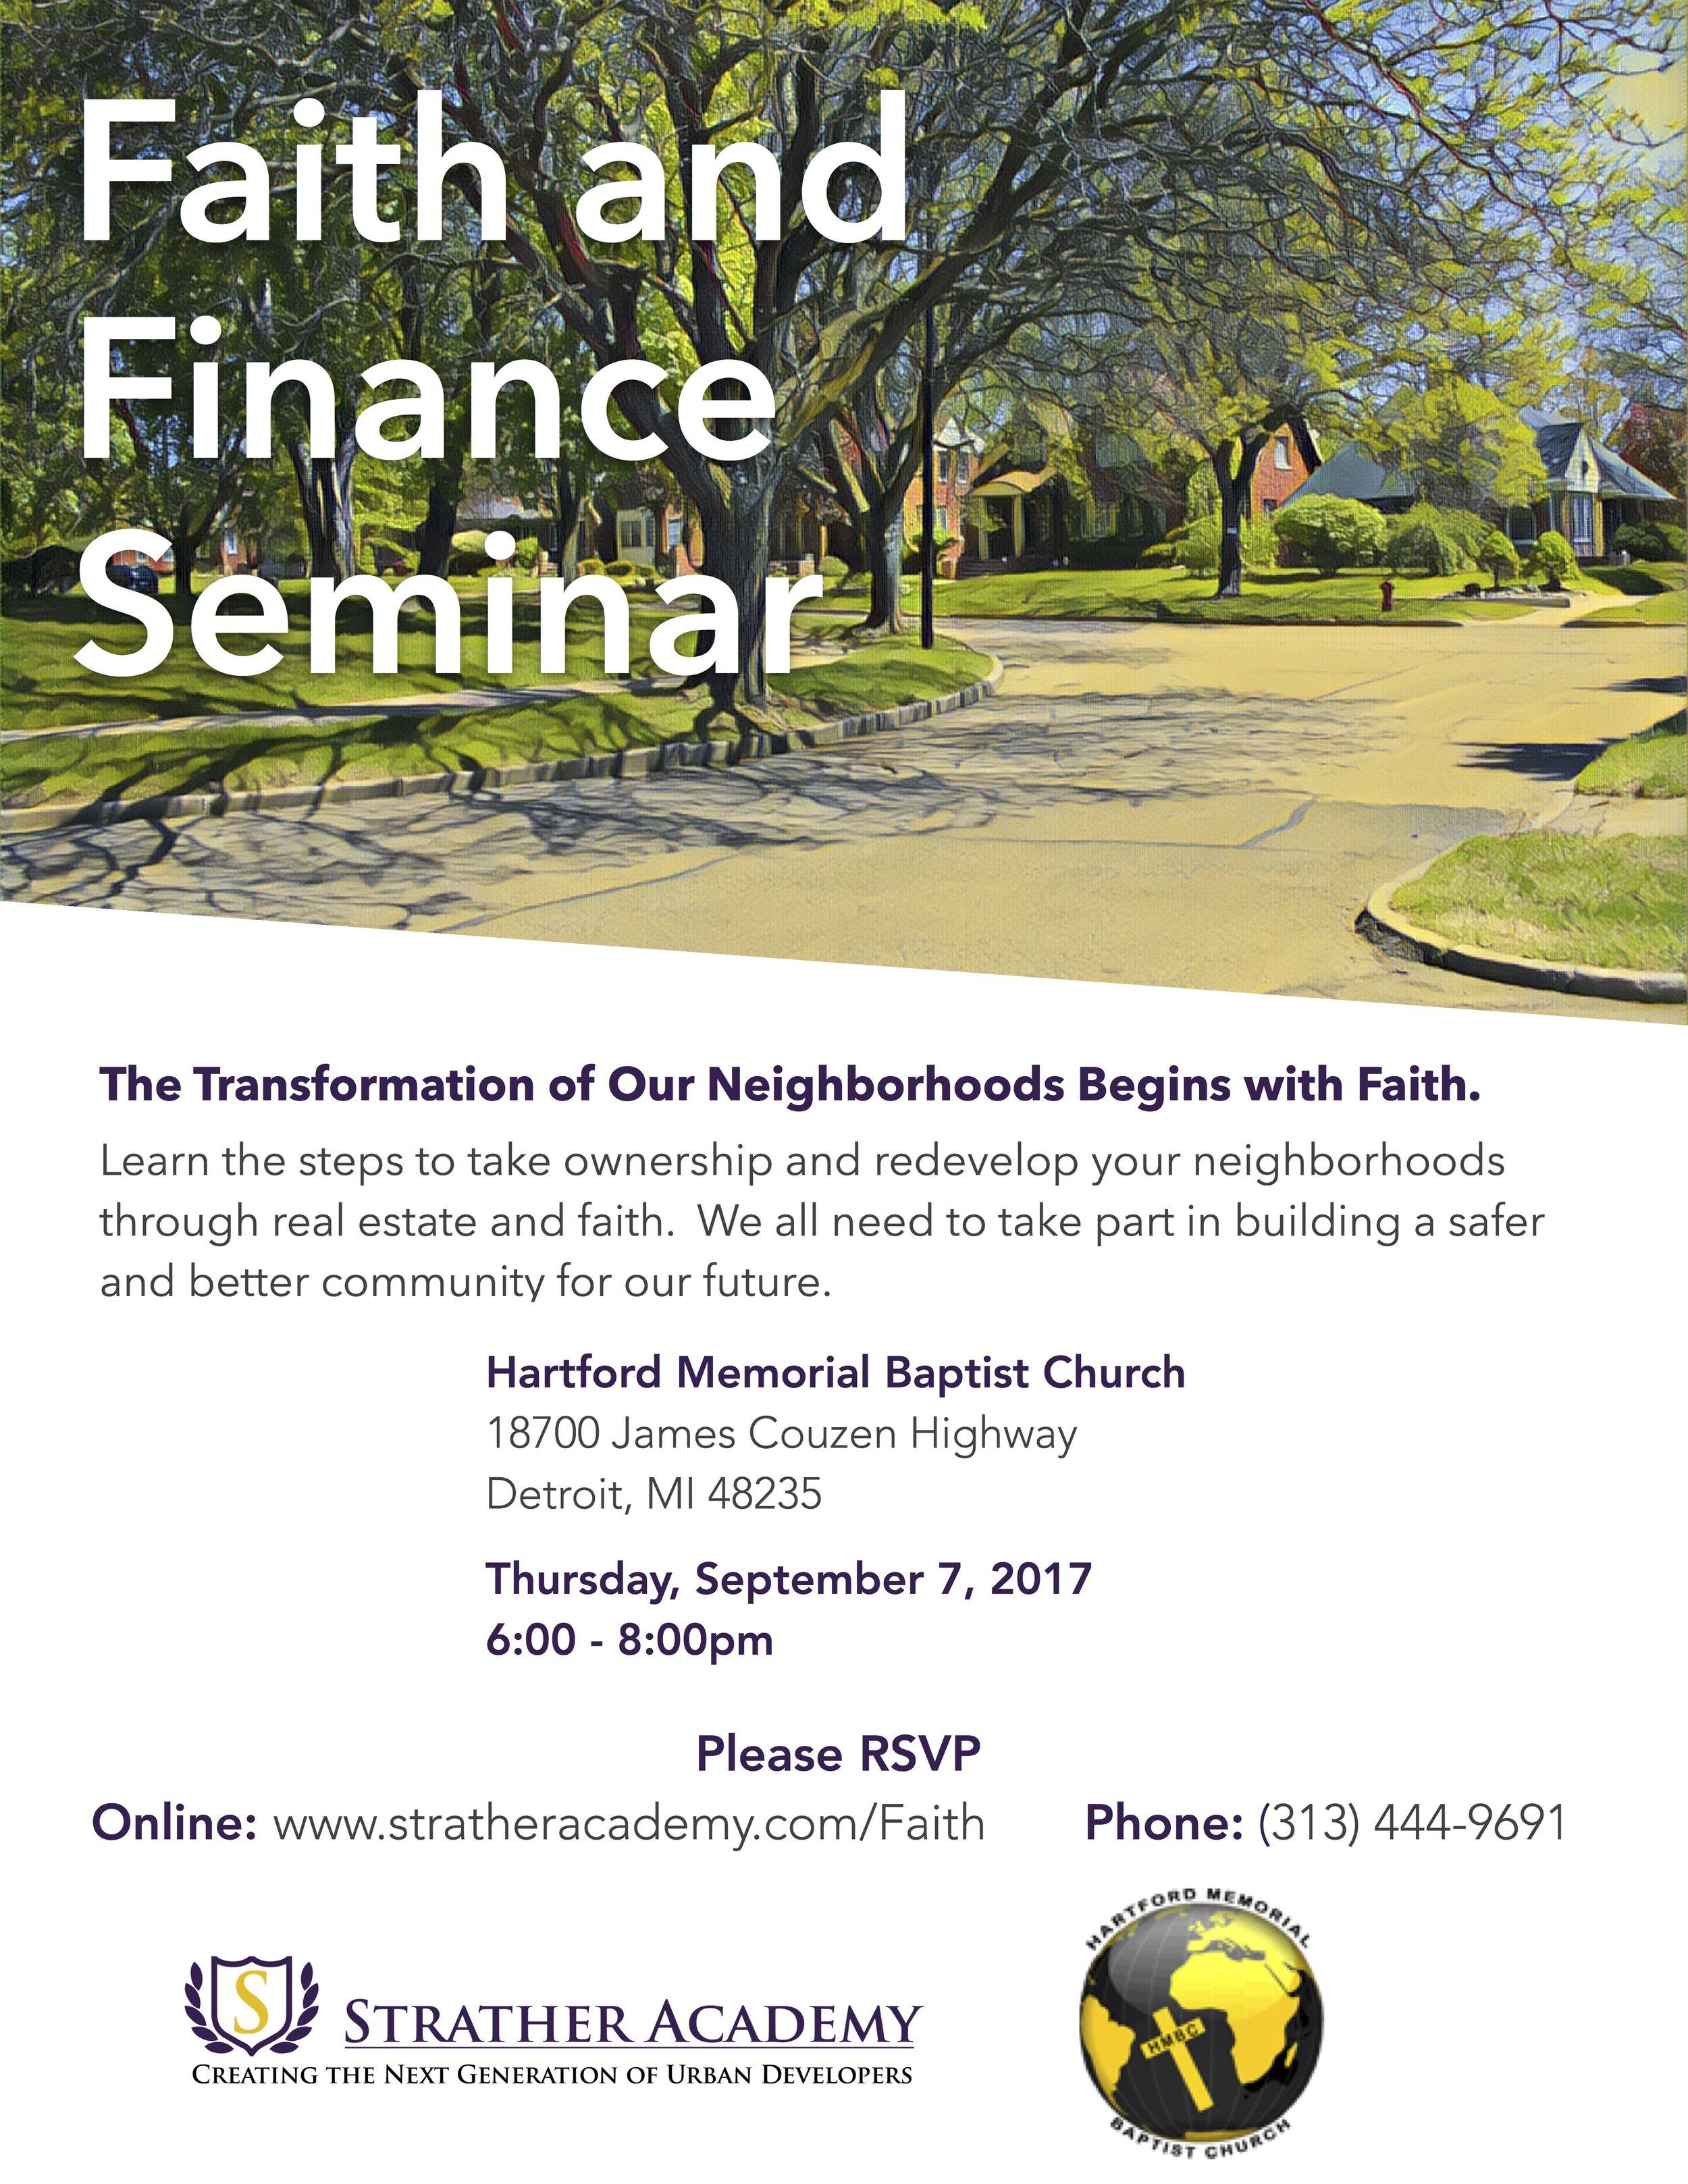 faithandfinance flyer.jpg